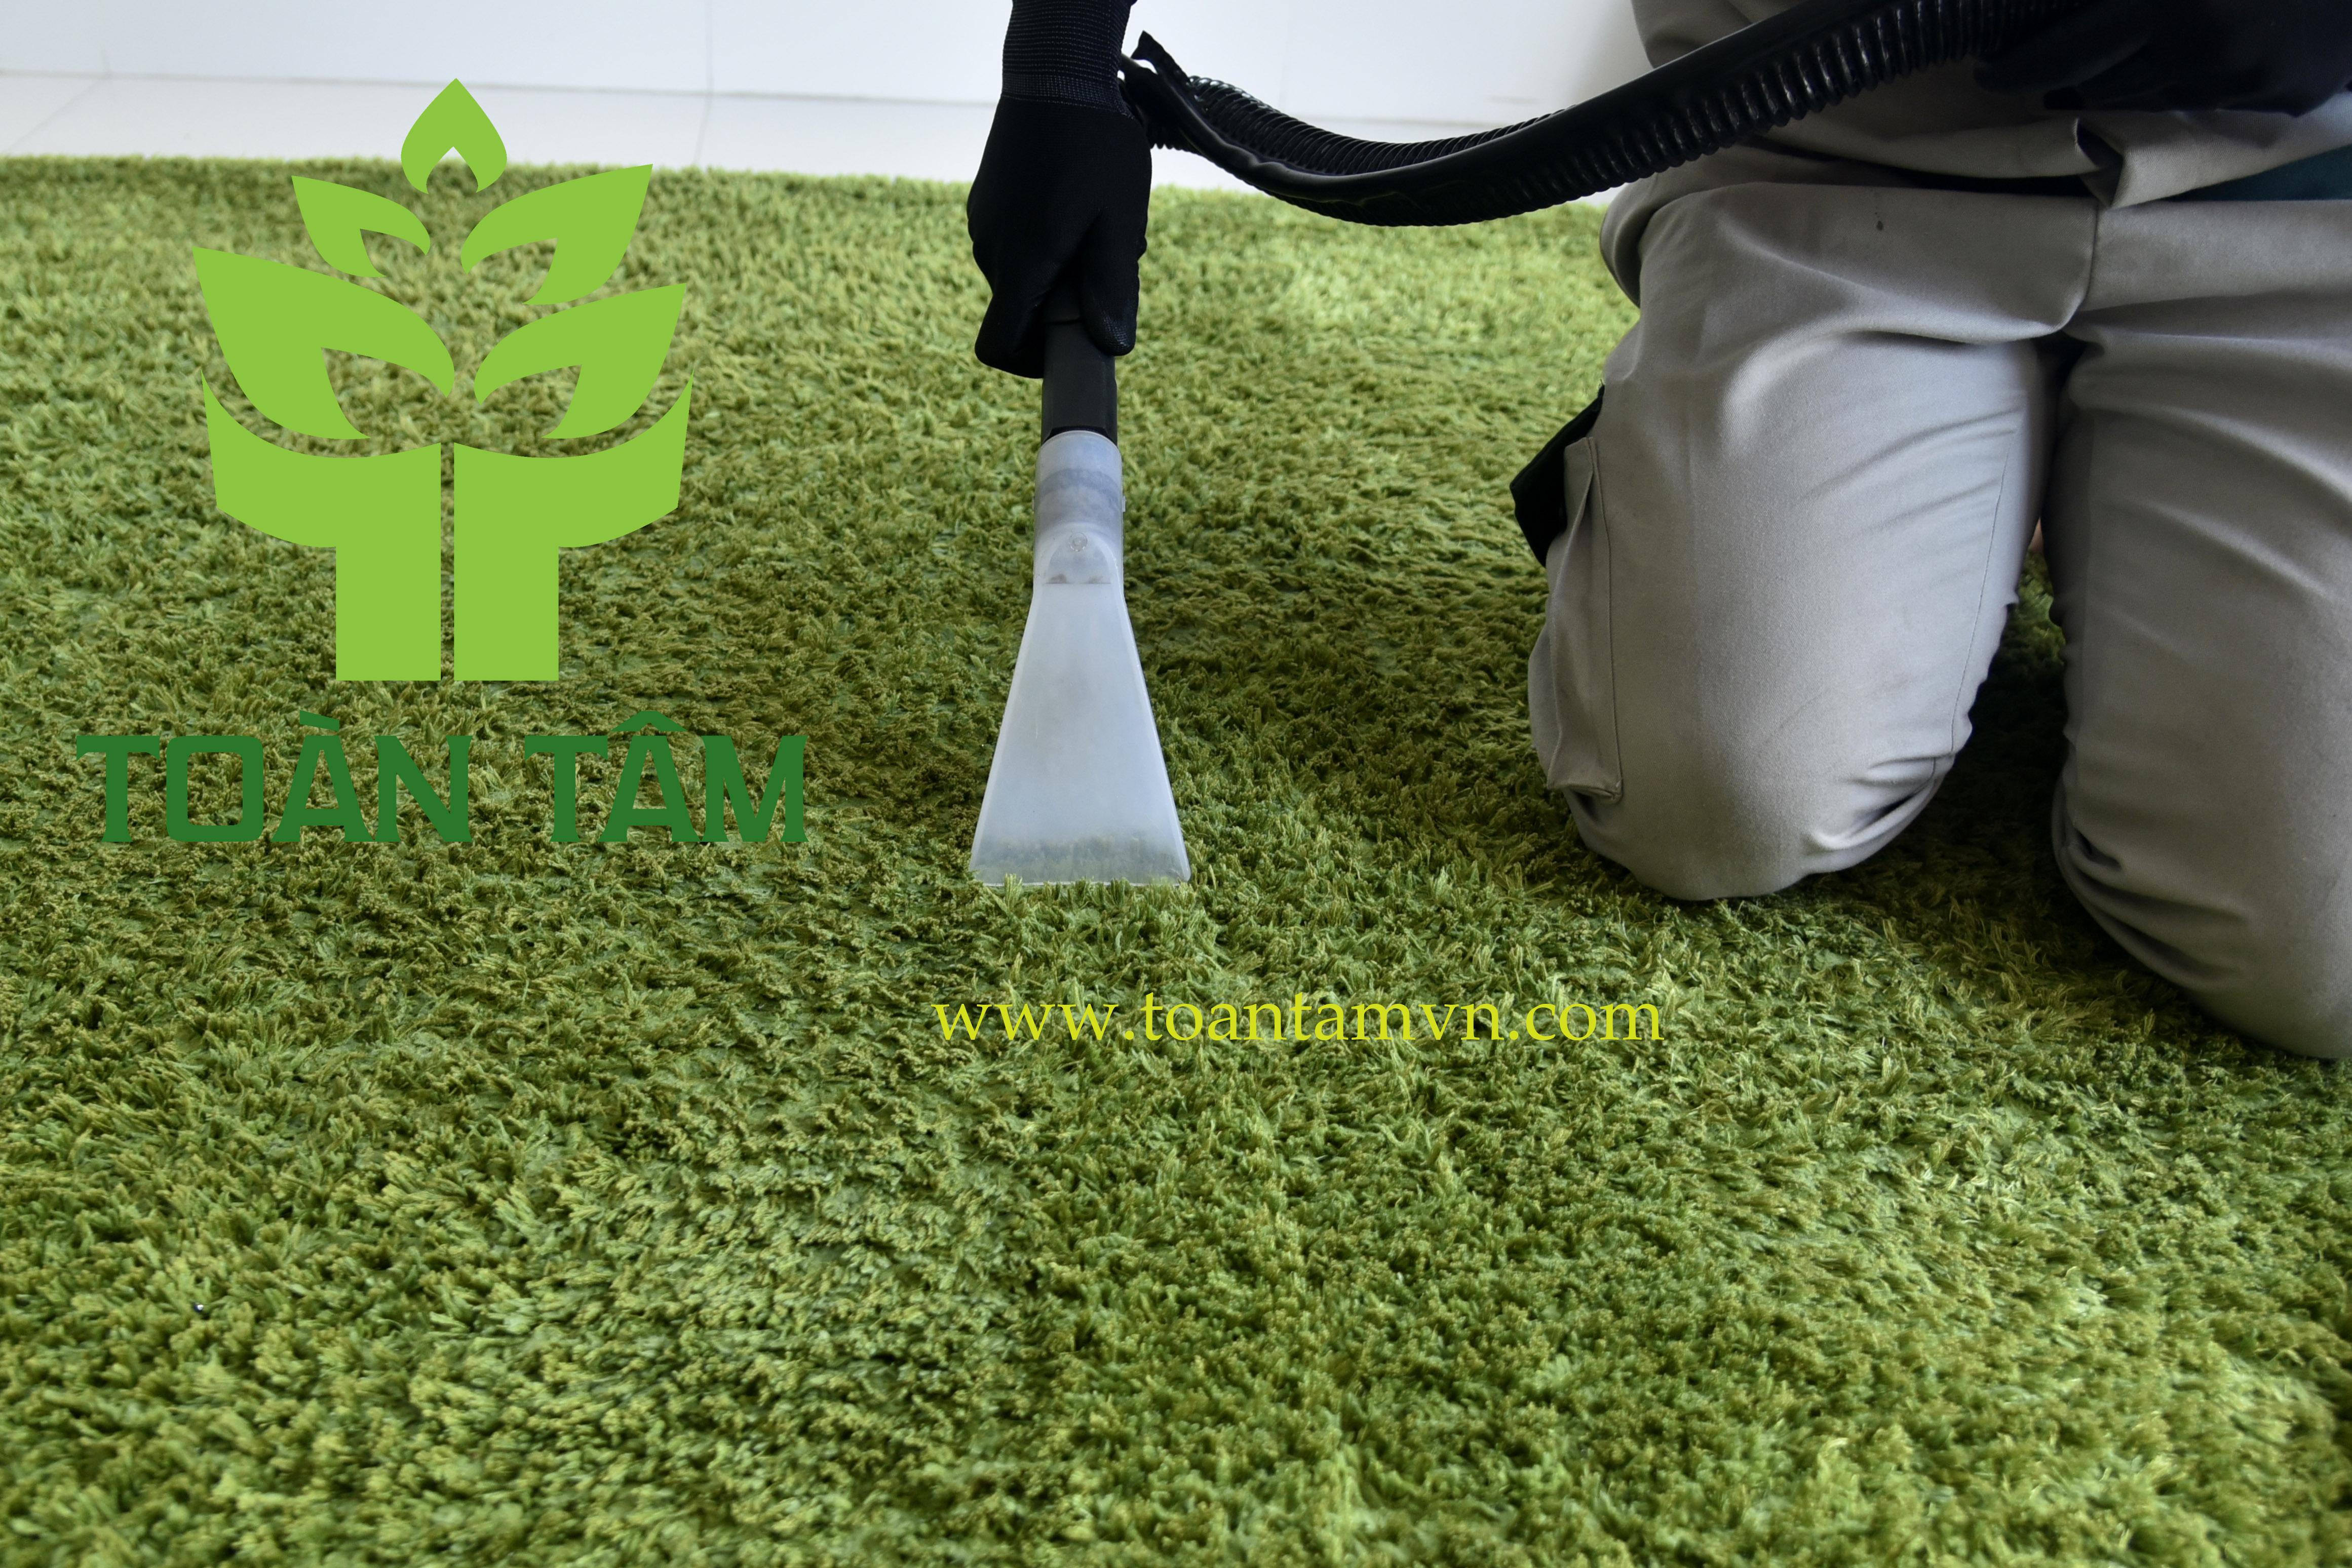 Dịch vụ giặt thảm trải sàn chuyên nghiệp của Toàn Tâm